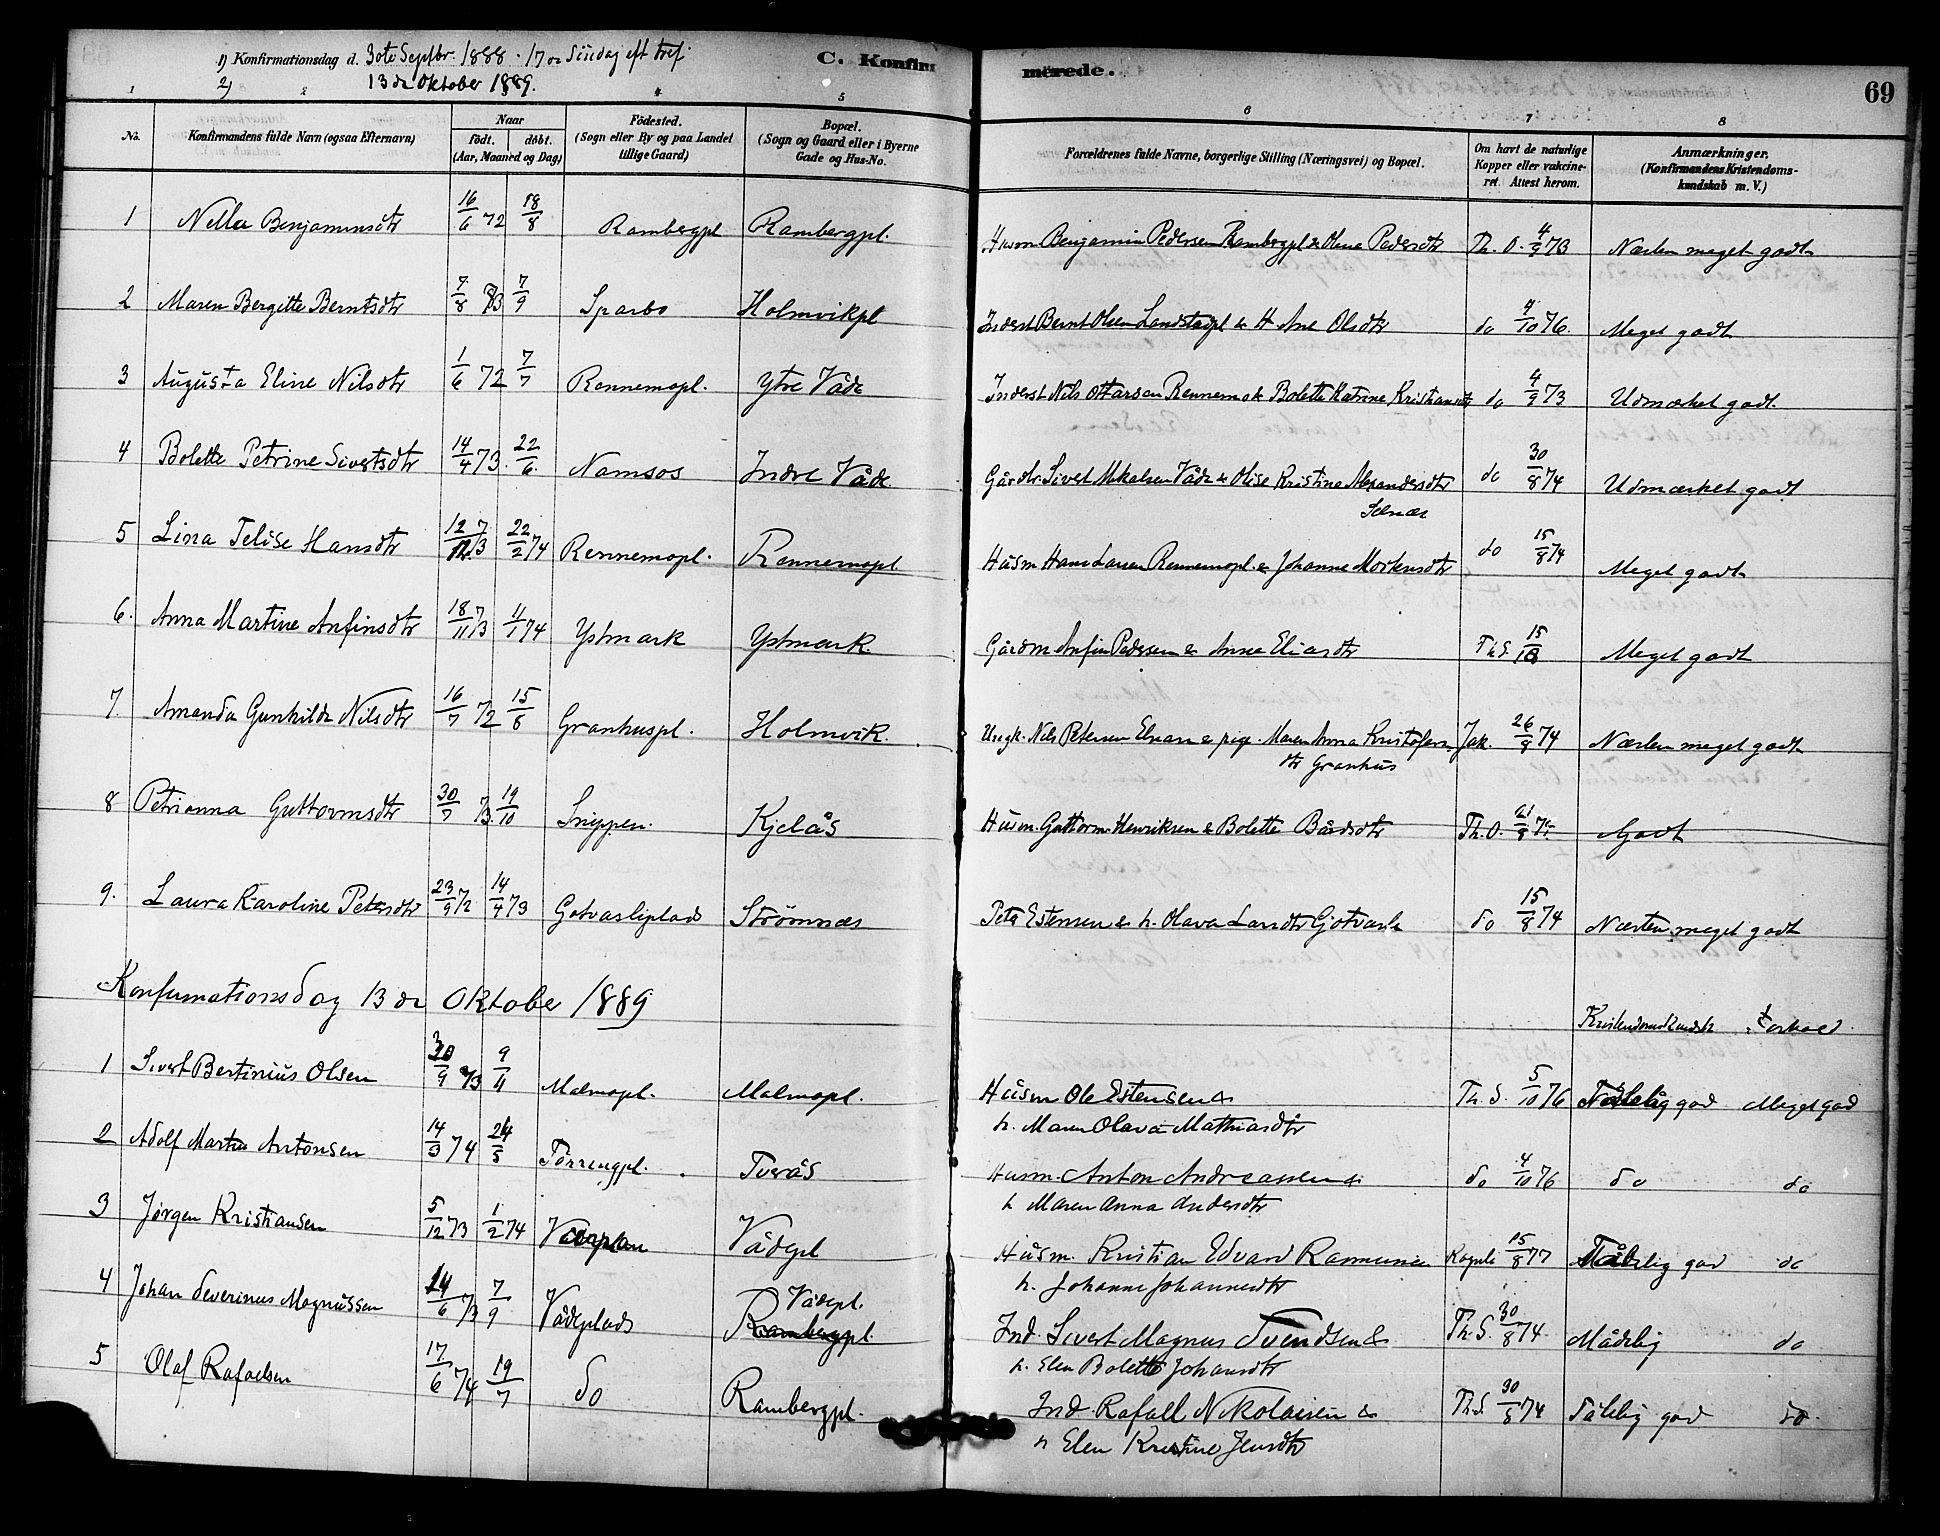 SAT, Ministerialprotokoller, klokkerbøker og fødselsregistre - Nord-Trøndelag, 745/L0429: Ministerialbok nr. 745A01, 1878-1894, s. 69